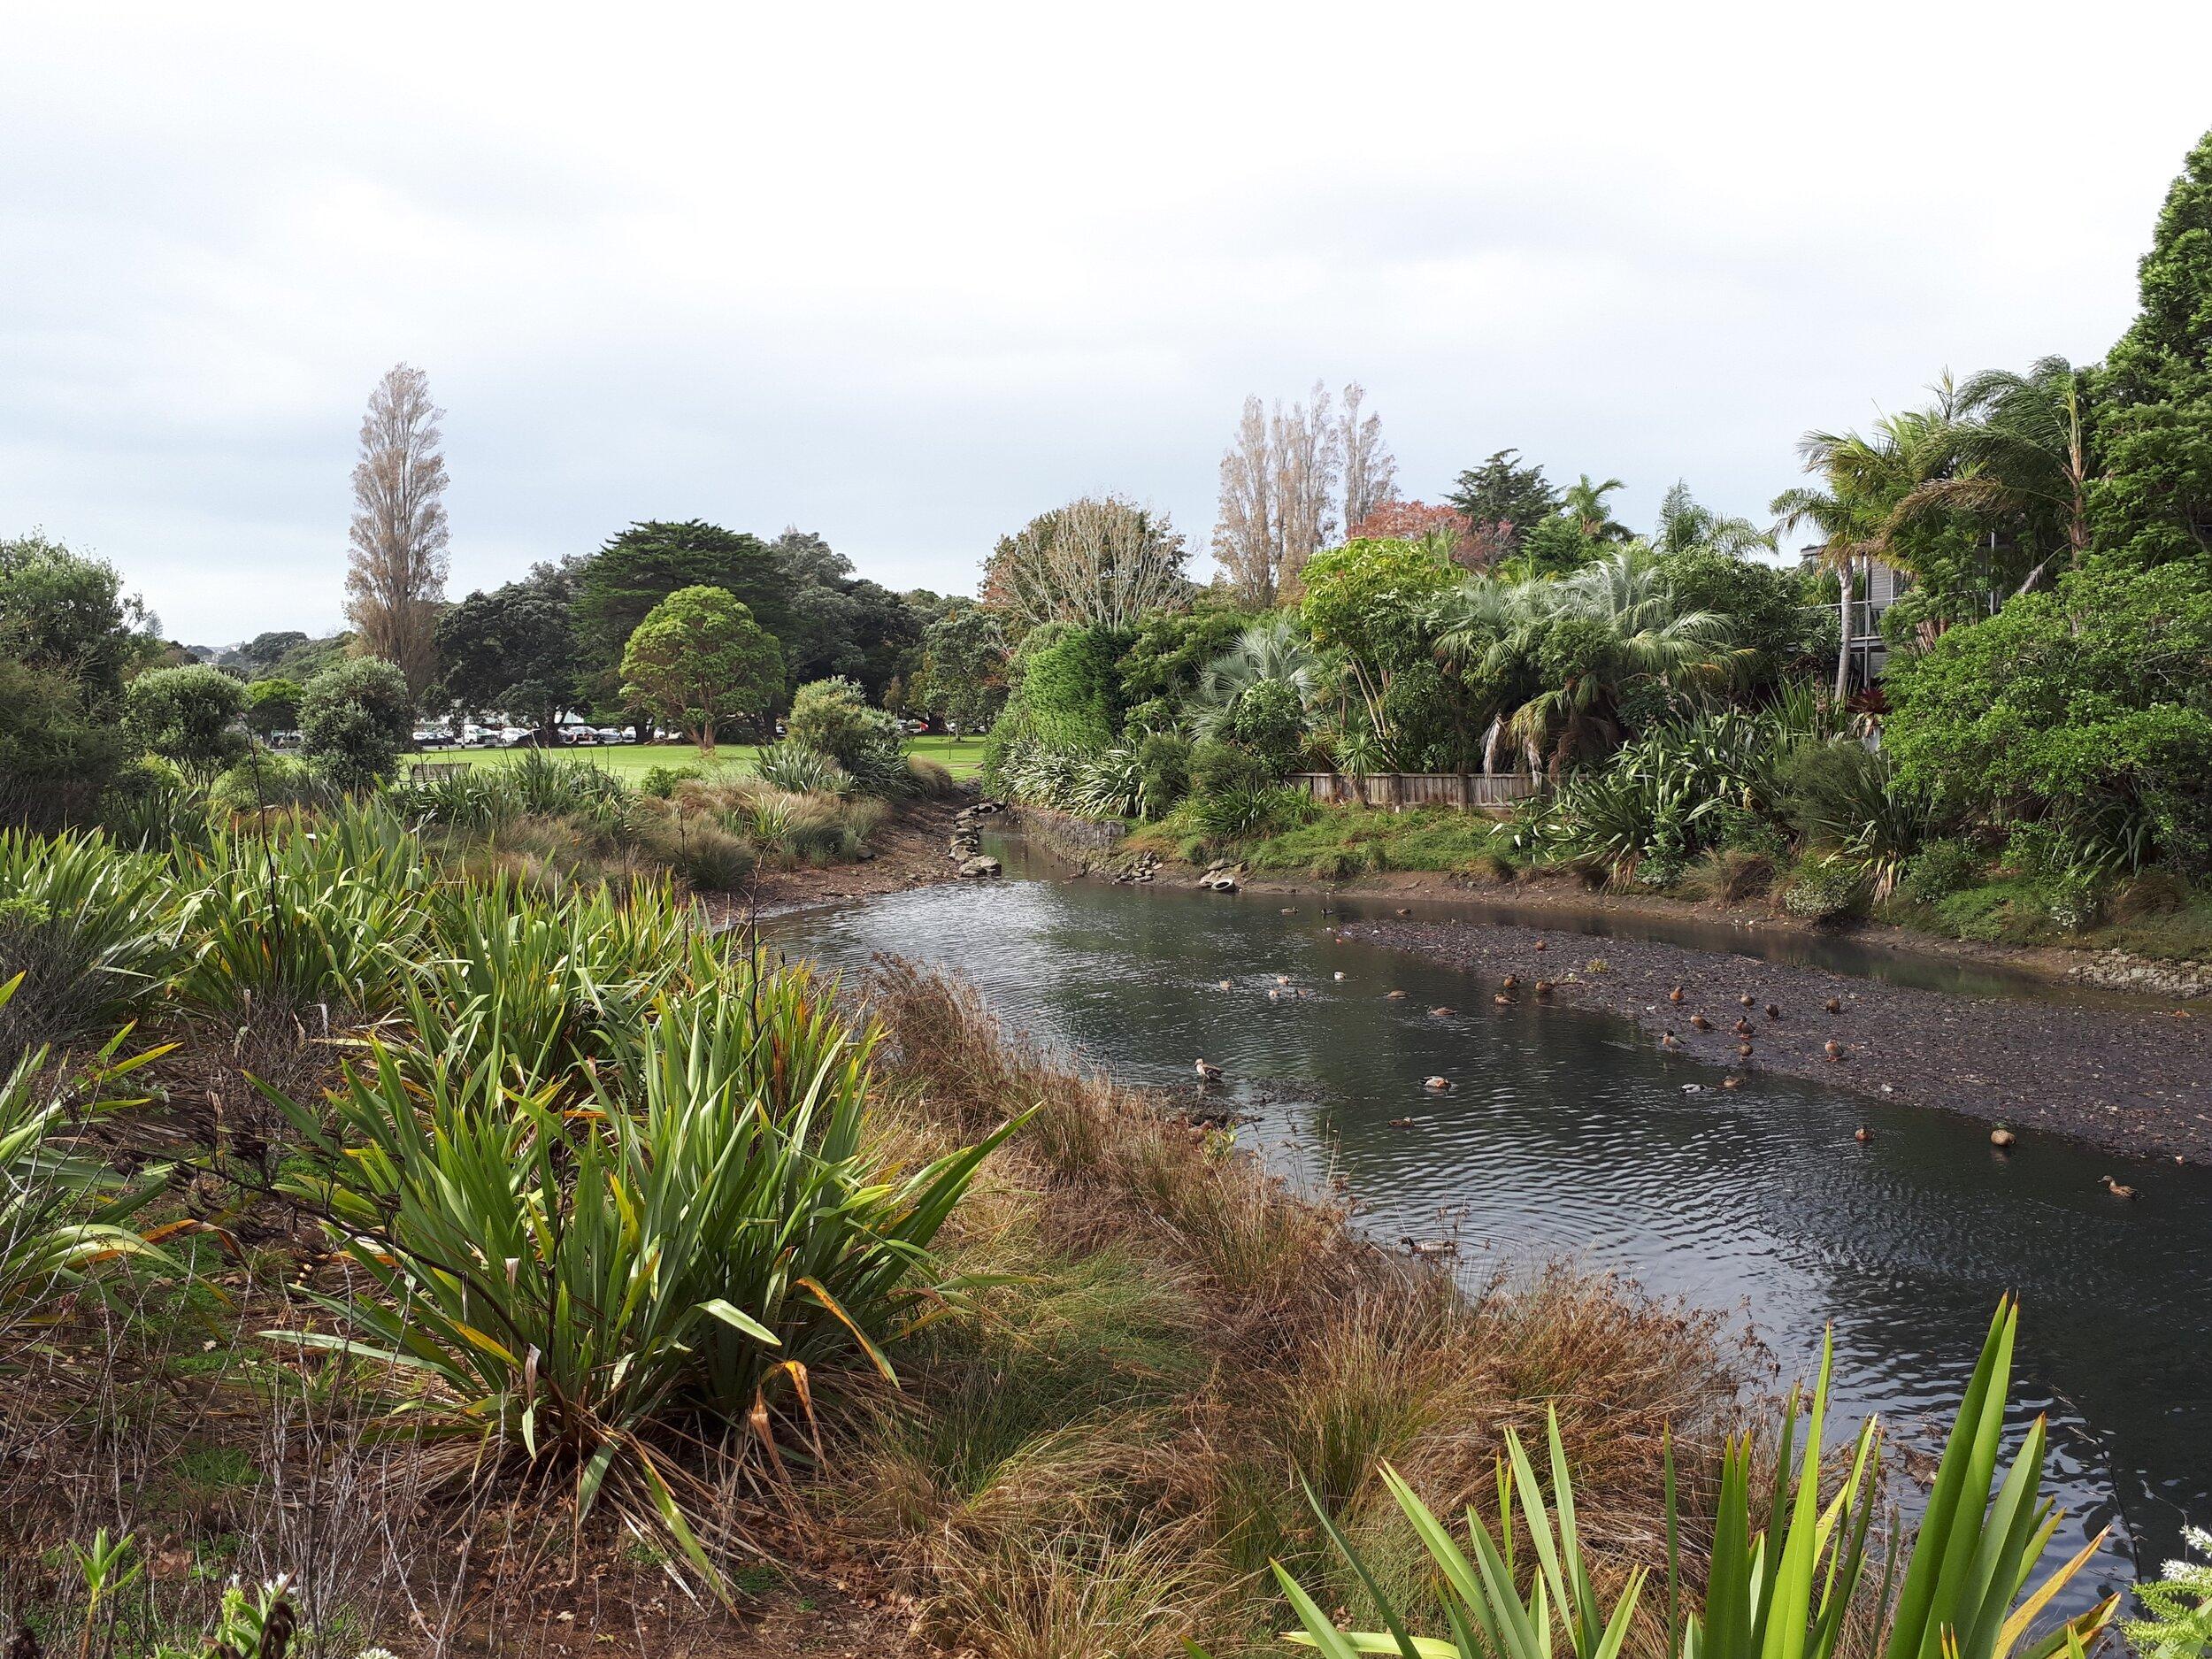 Martyn Wilson urban stream riparian restoration